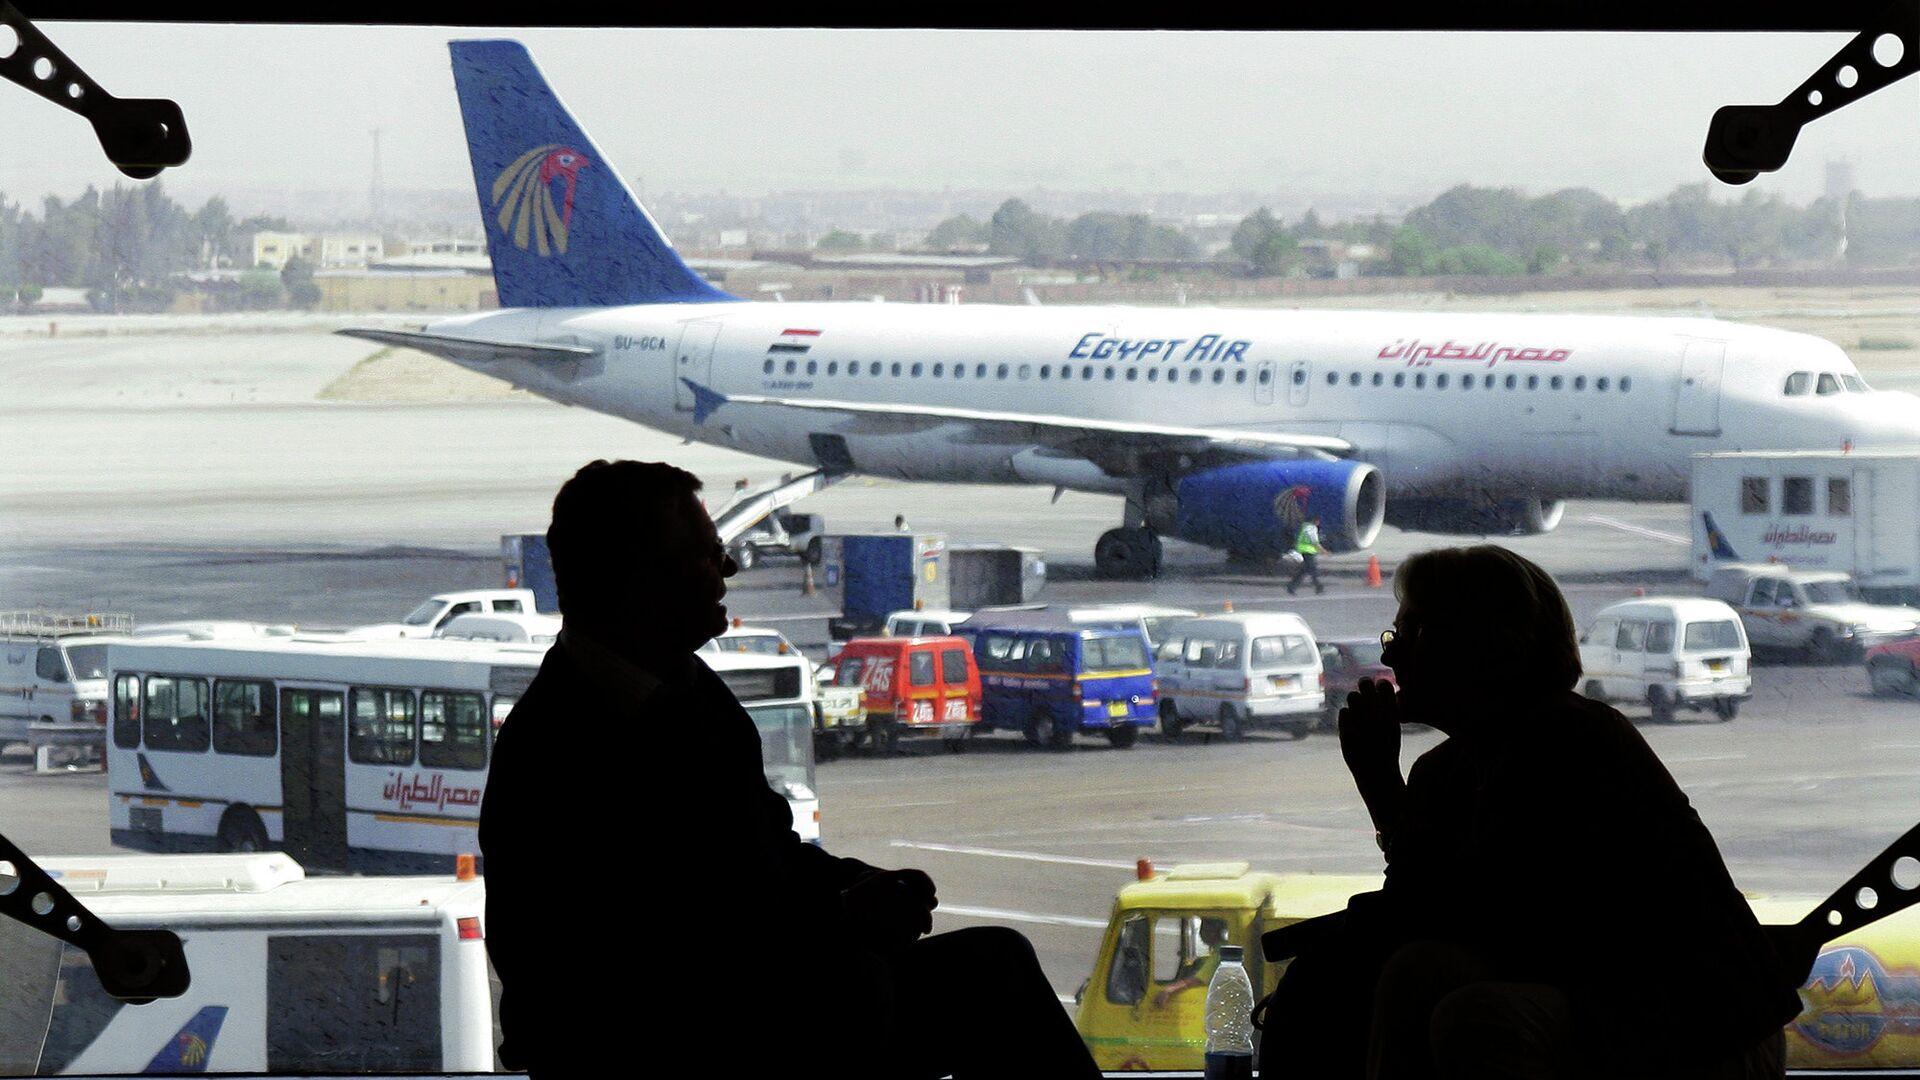 Самолет авиакомпании EgyptAir в аэропорту Каира, Египет - РИА Новости, 1920, 09.07.2021